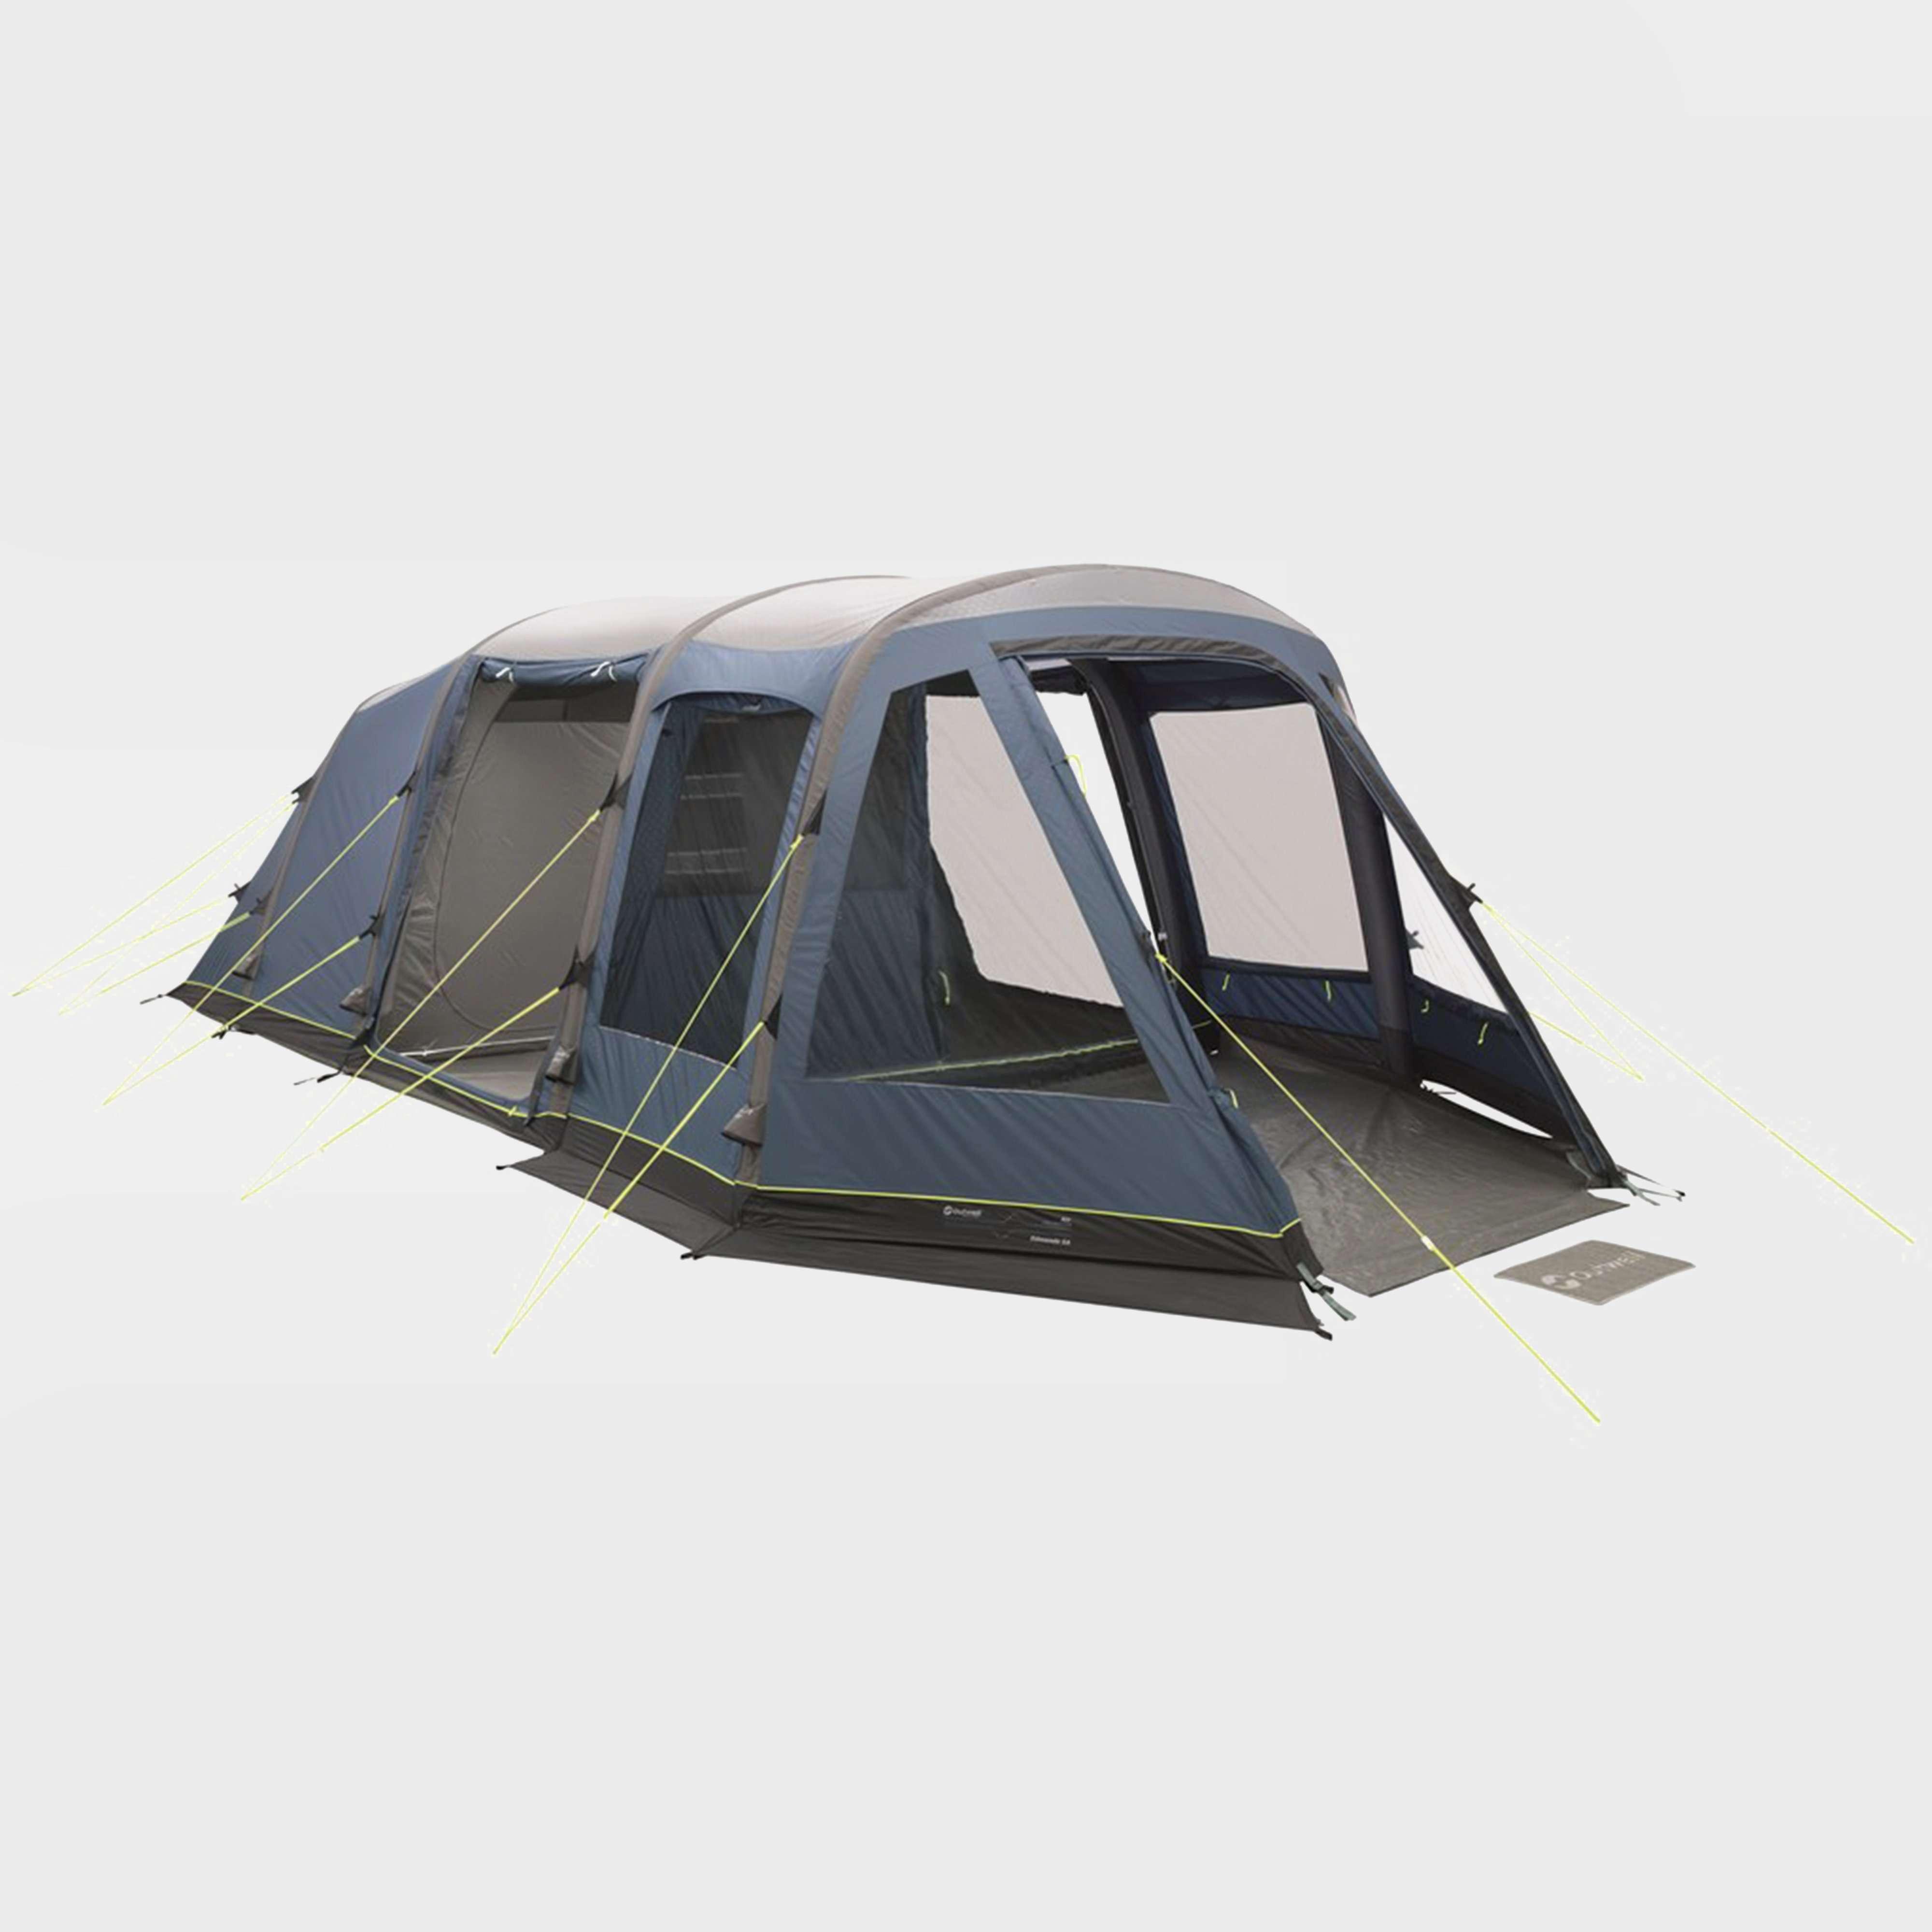 OUTWELL Edmonds 5A Tent